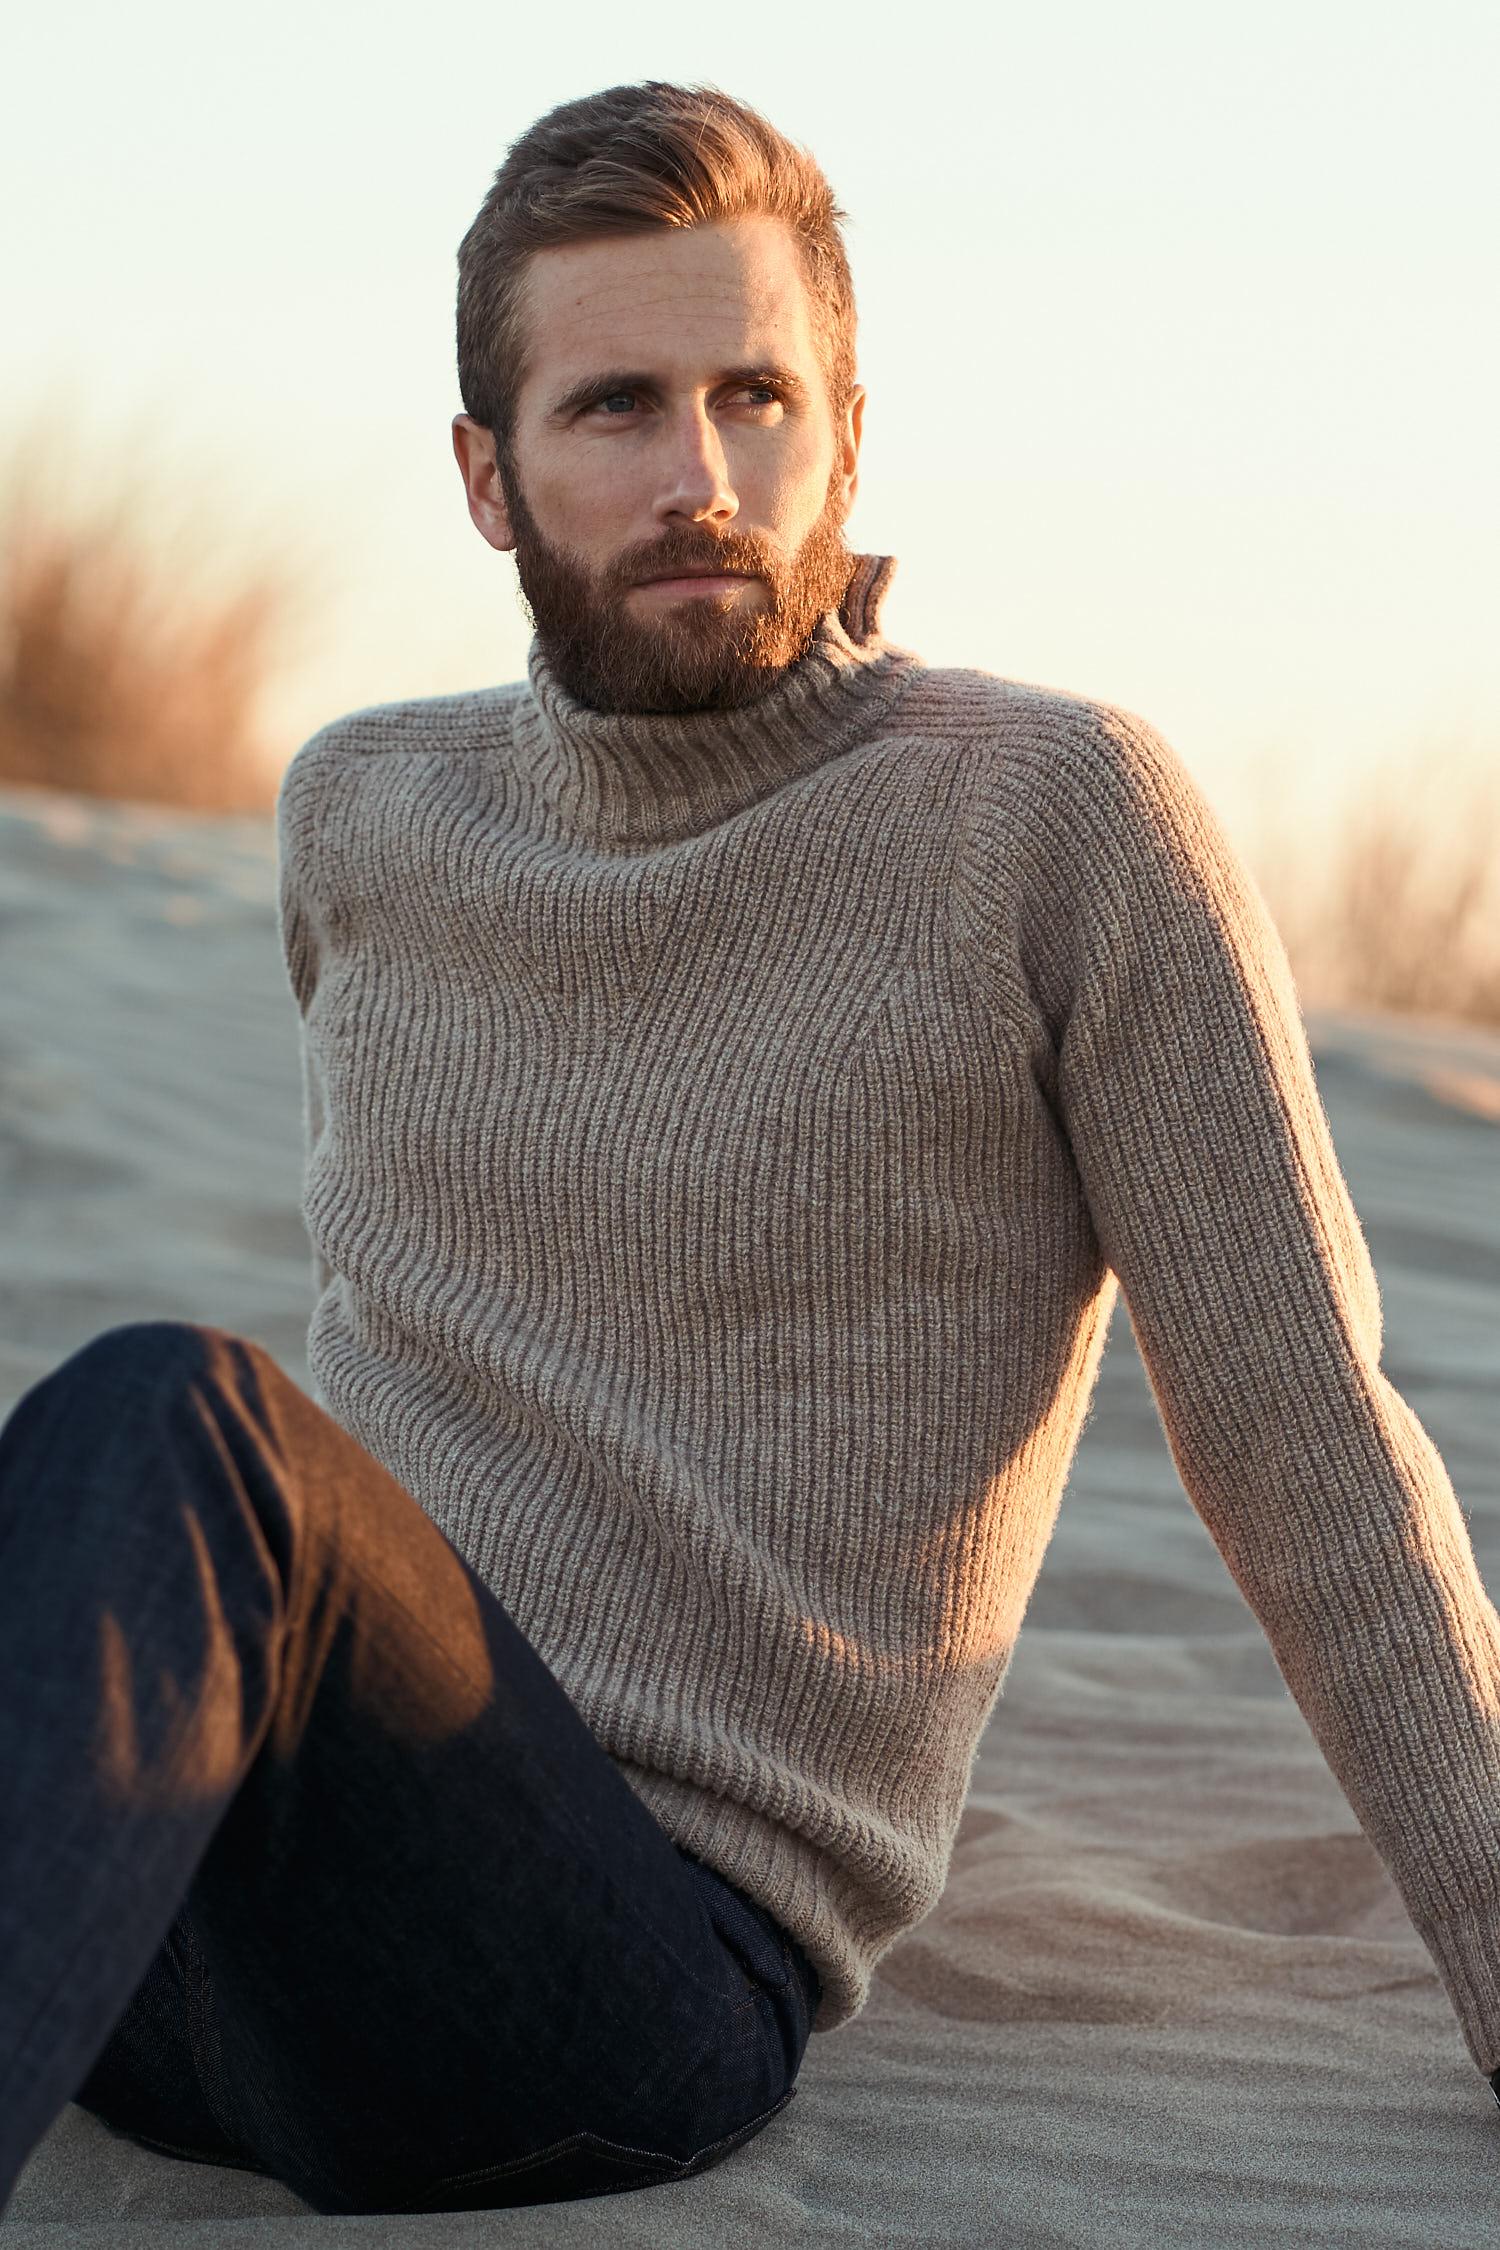 Homme assis portant un pull-over en 100% laine de Mérinos d'Arles, tricoté en France dans le Tarn. La maille est une cote anglaise. Le col est légèrement montant avec une fente sur le côté. 100% Made In France